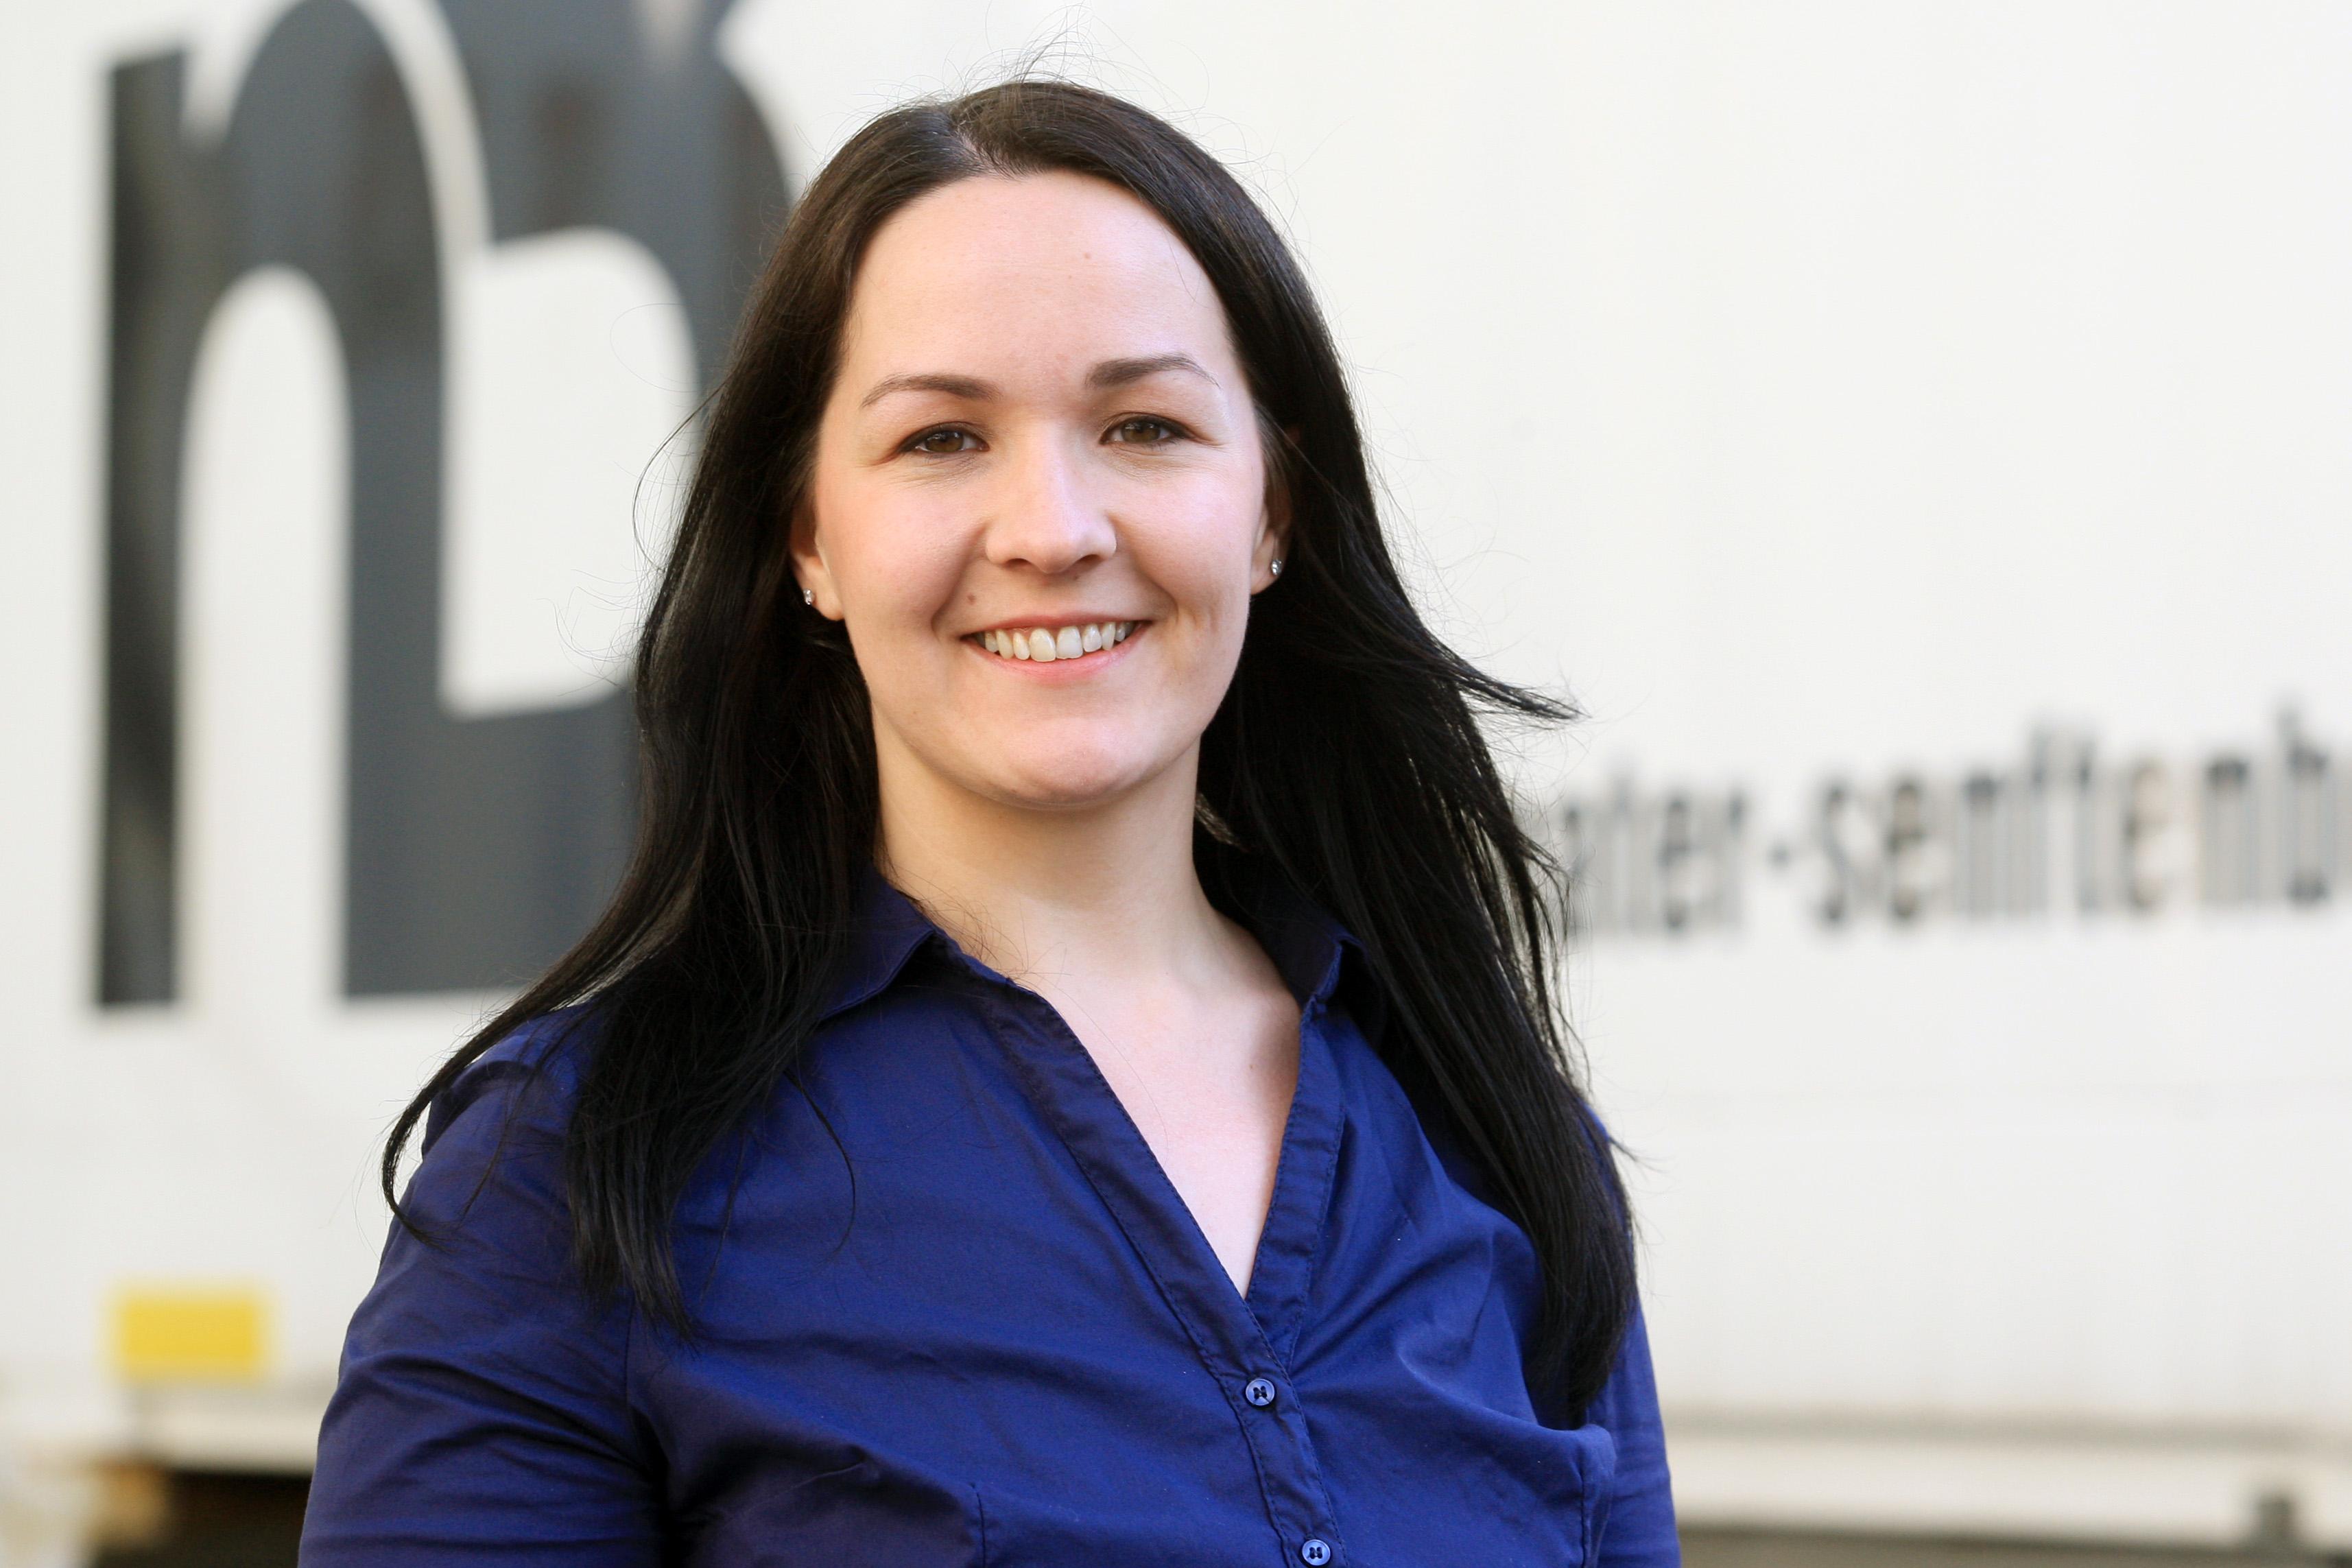 2. stellvertretende Vorsitzende: Denise Haynert